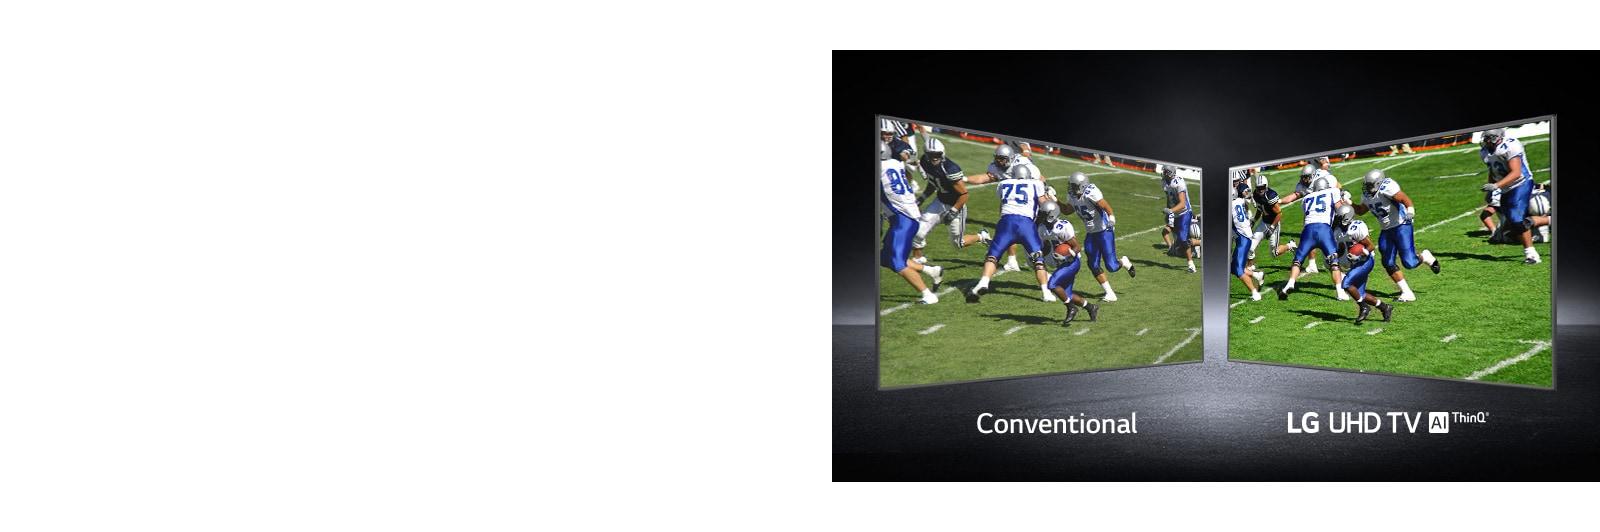 Un'immagine di giocatori che giocano in un campo da calcio divisa in due. Una parte mostrata su uno schermo convenzionale e l'altra su un TV UHD.